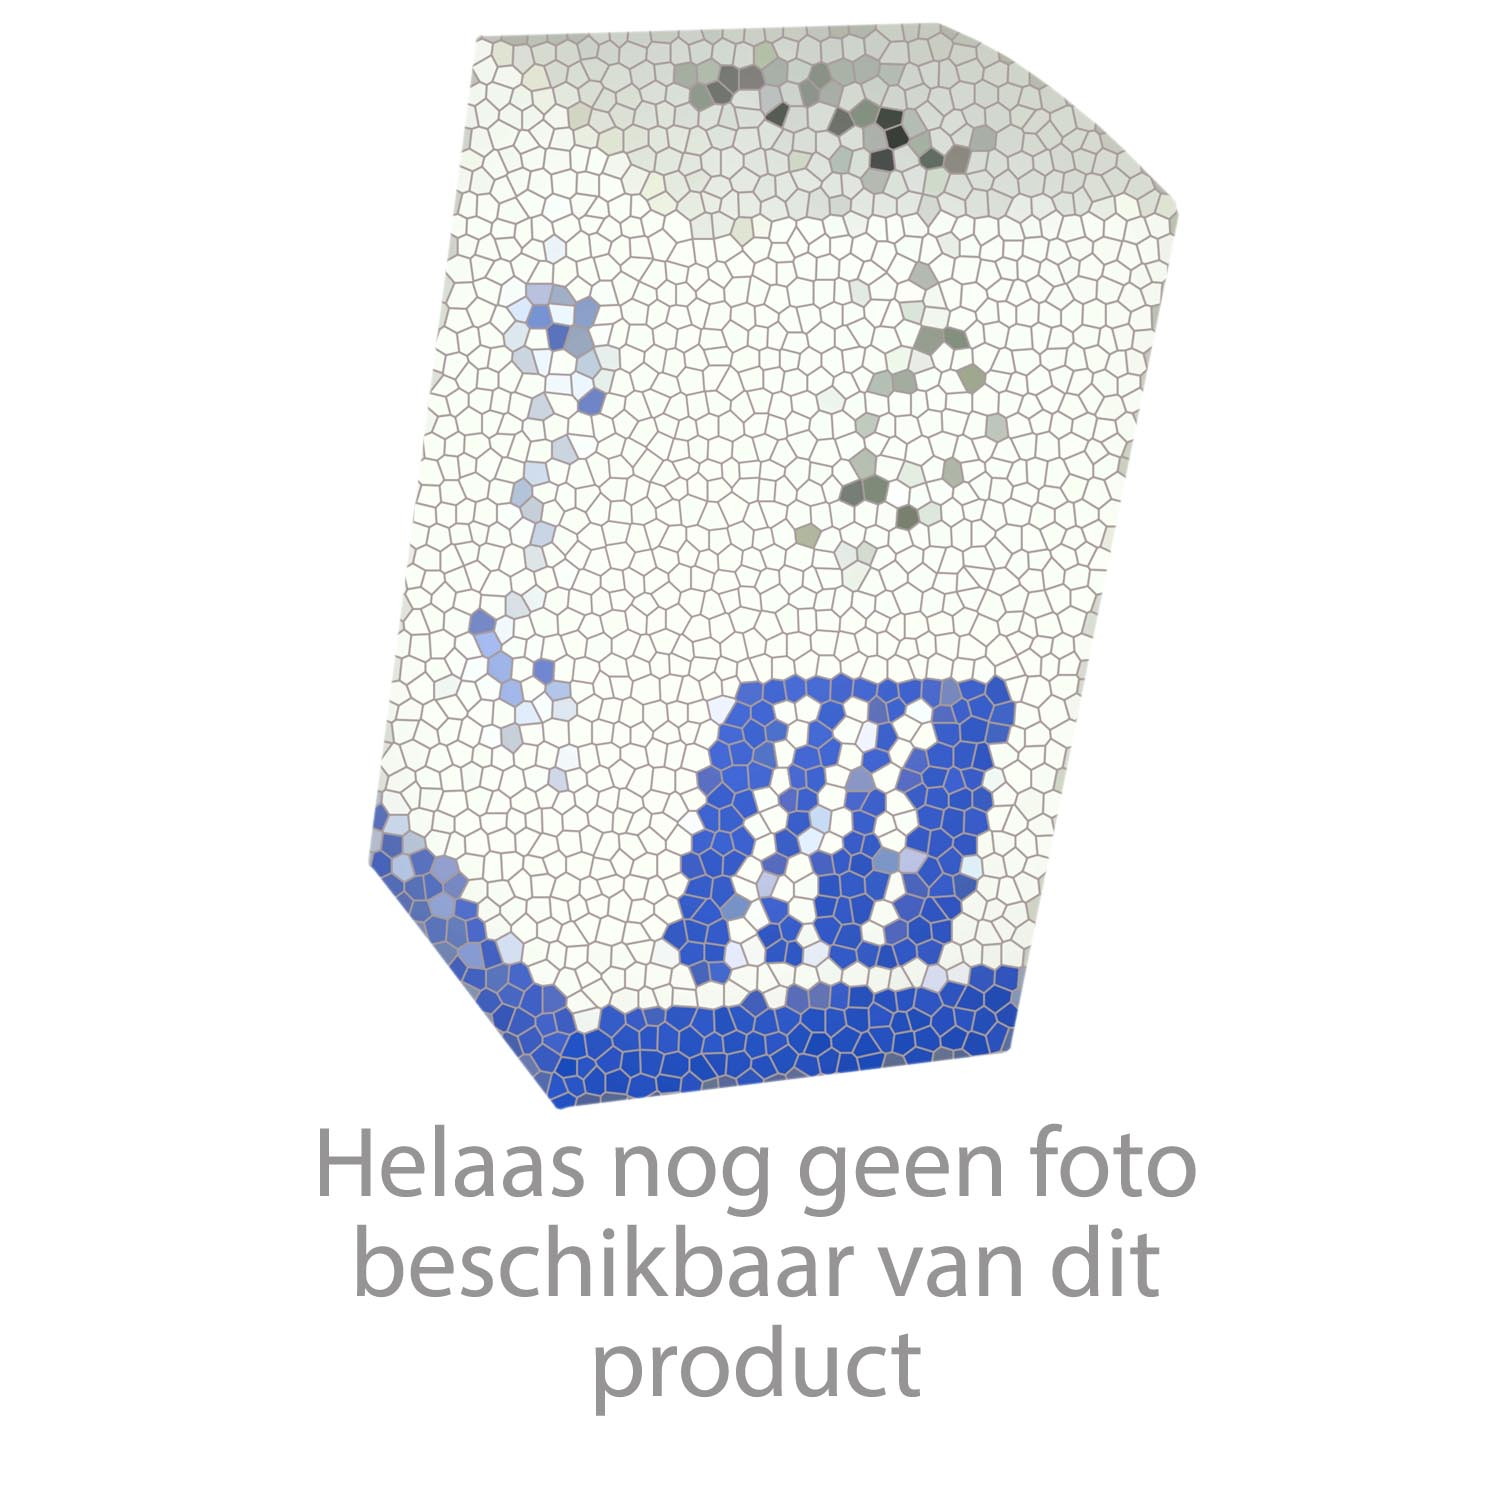 Grohe Rapid SL urinoir element voor handmatige of Infrarood bediening